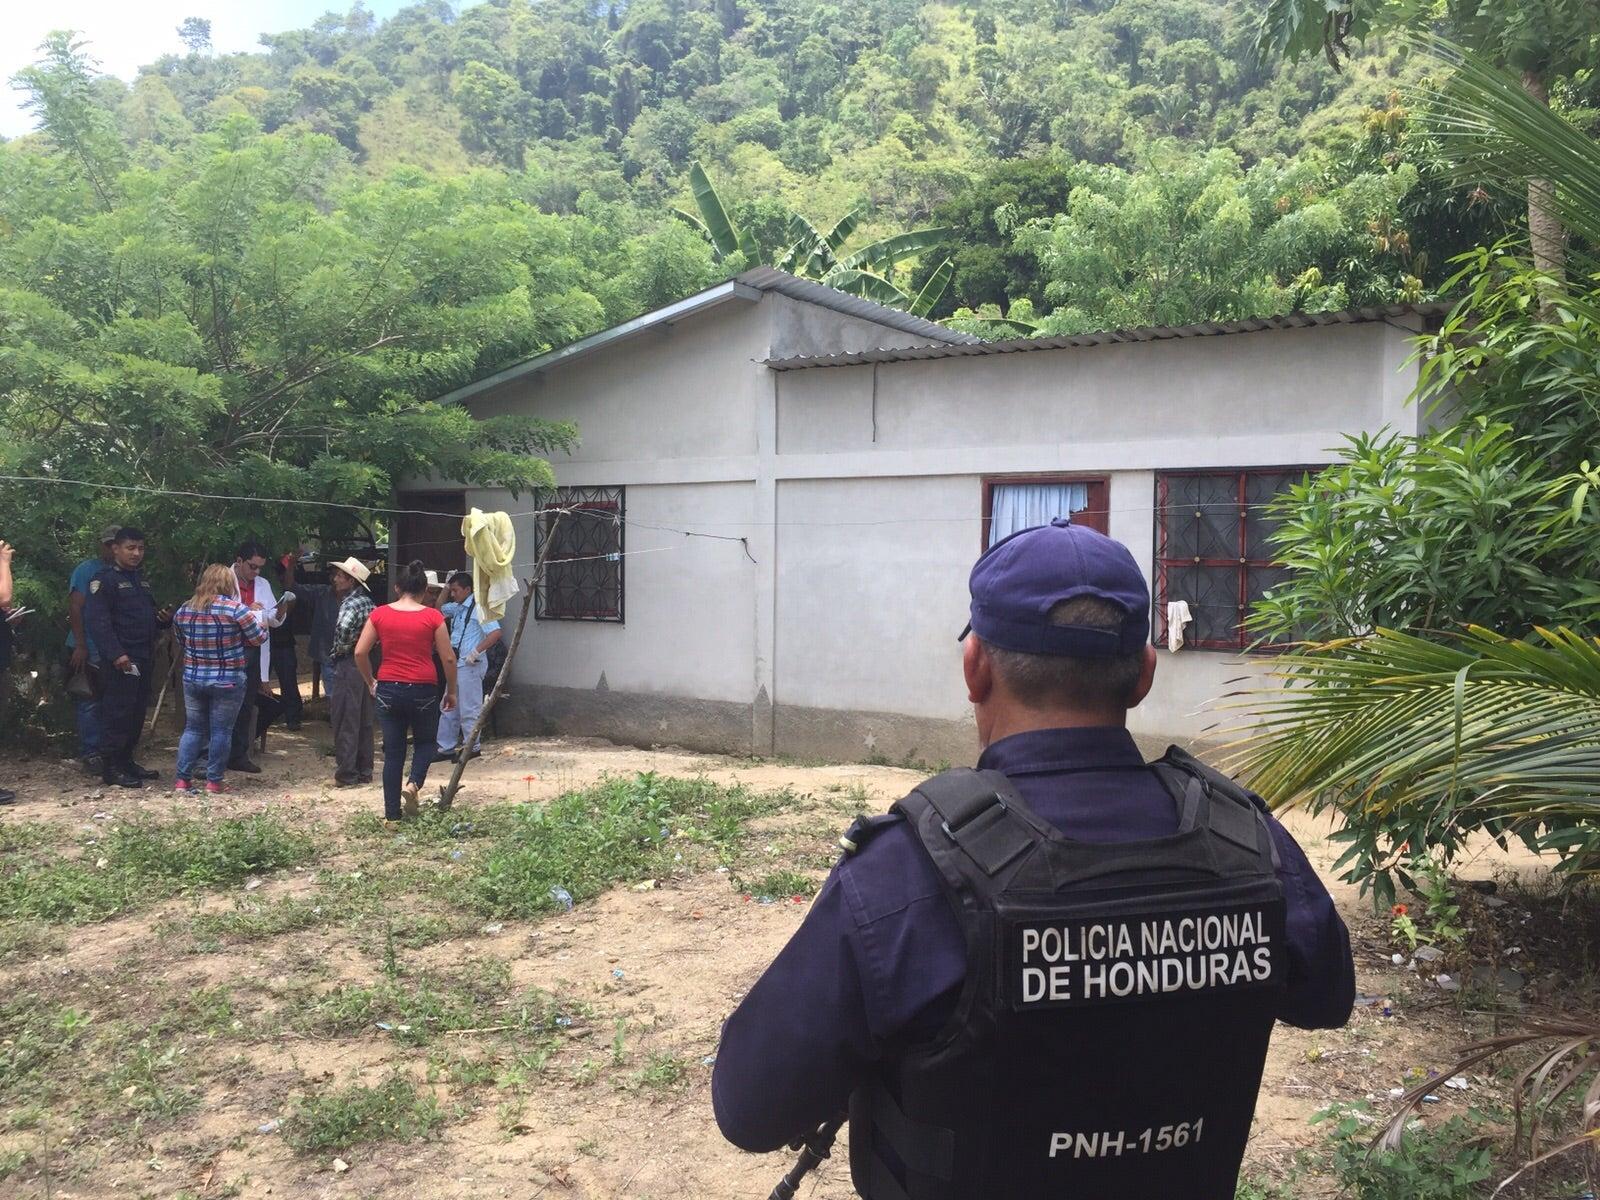 Honduras: Dentro de su residencia hallan muerto a empleado de una maquila